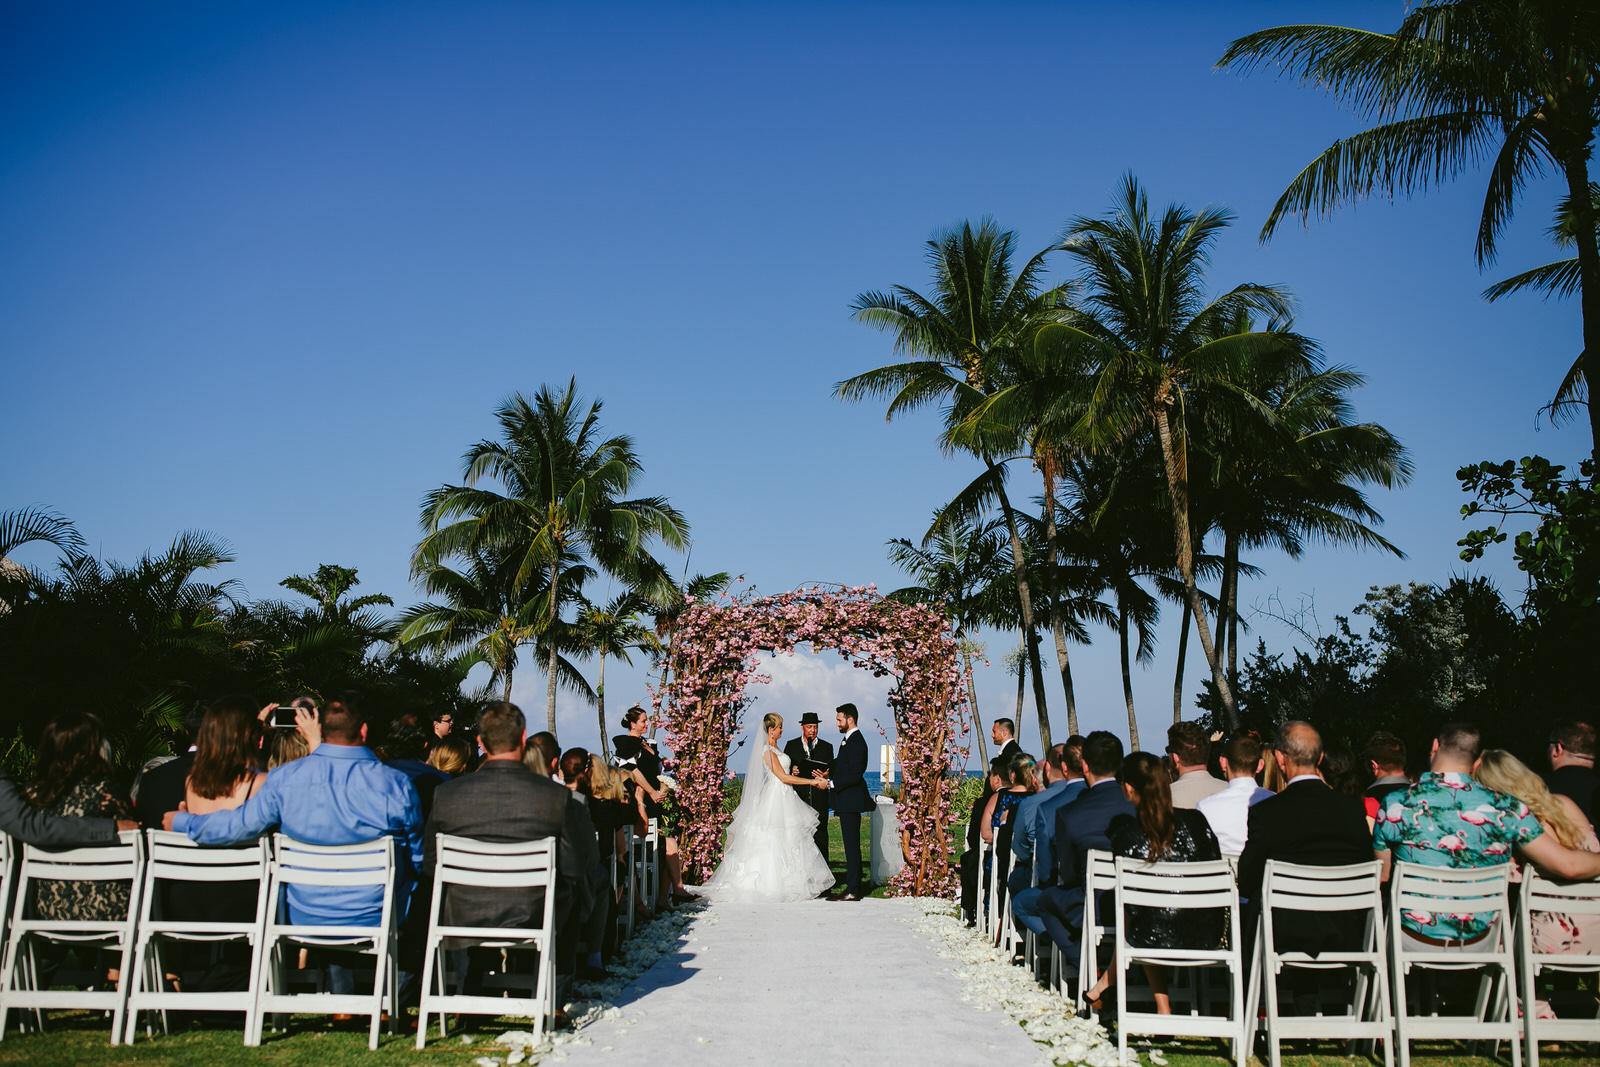 ritz-carlton-key-biscayne-wedding-tiny-house-photo-ceremony-1.jpg